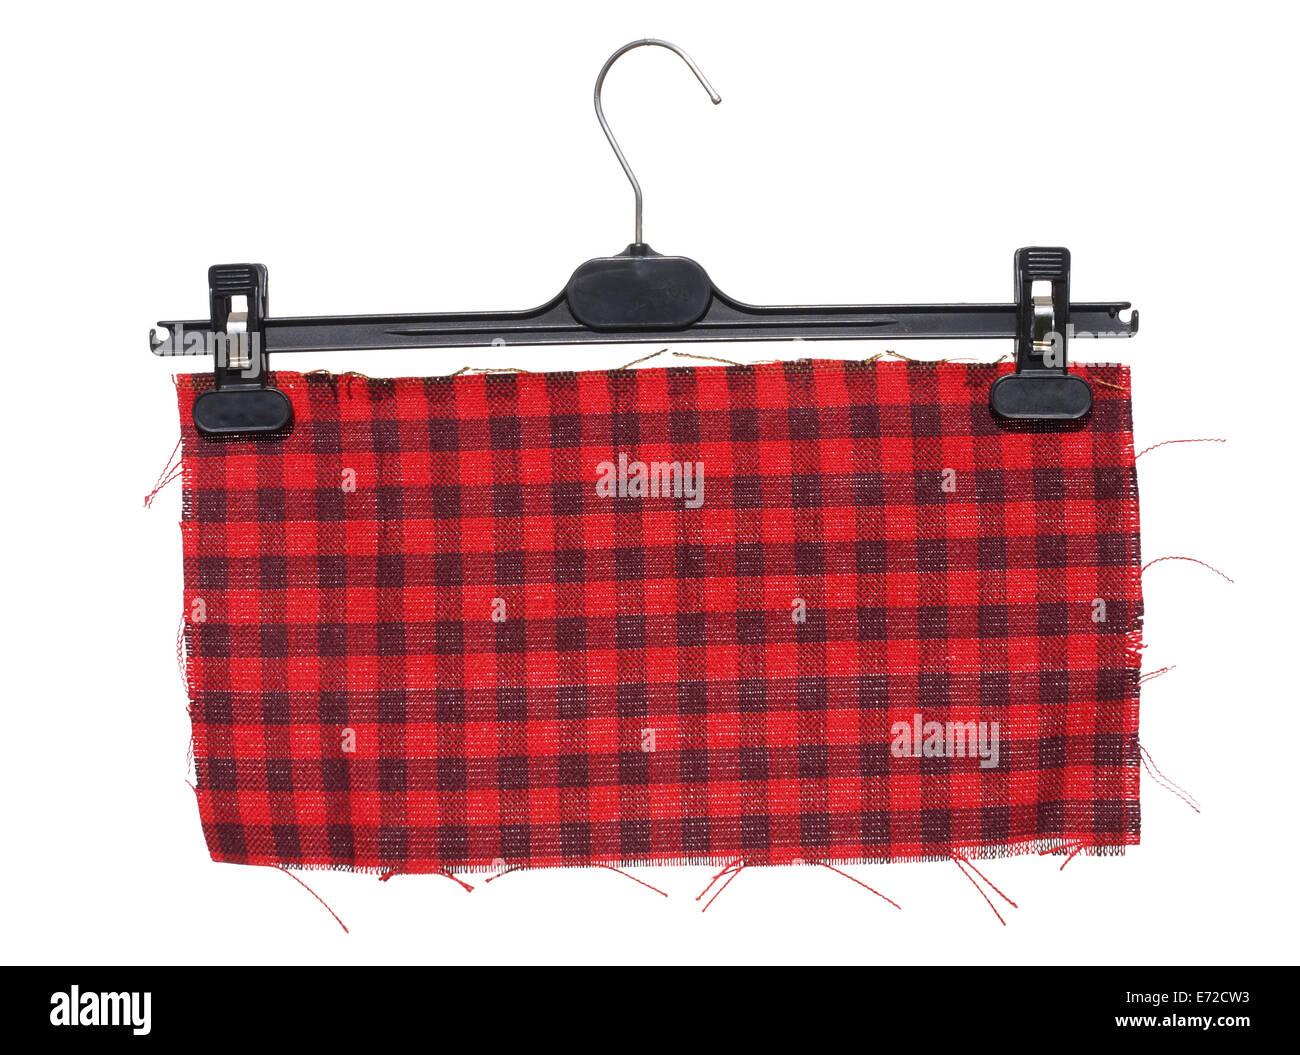 Kunststoff Kleiderbugel Mit Hangenden Darauf Ein Stuck Rot Karierten